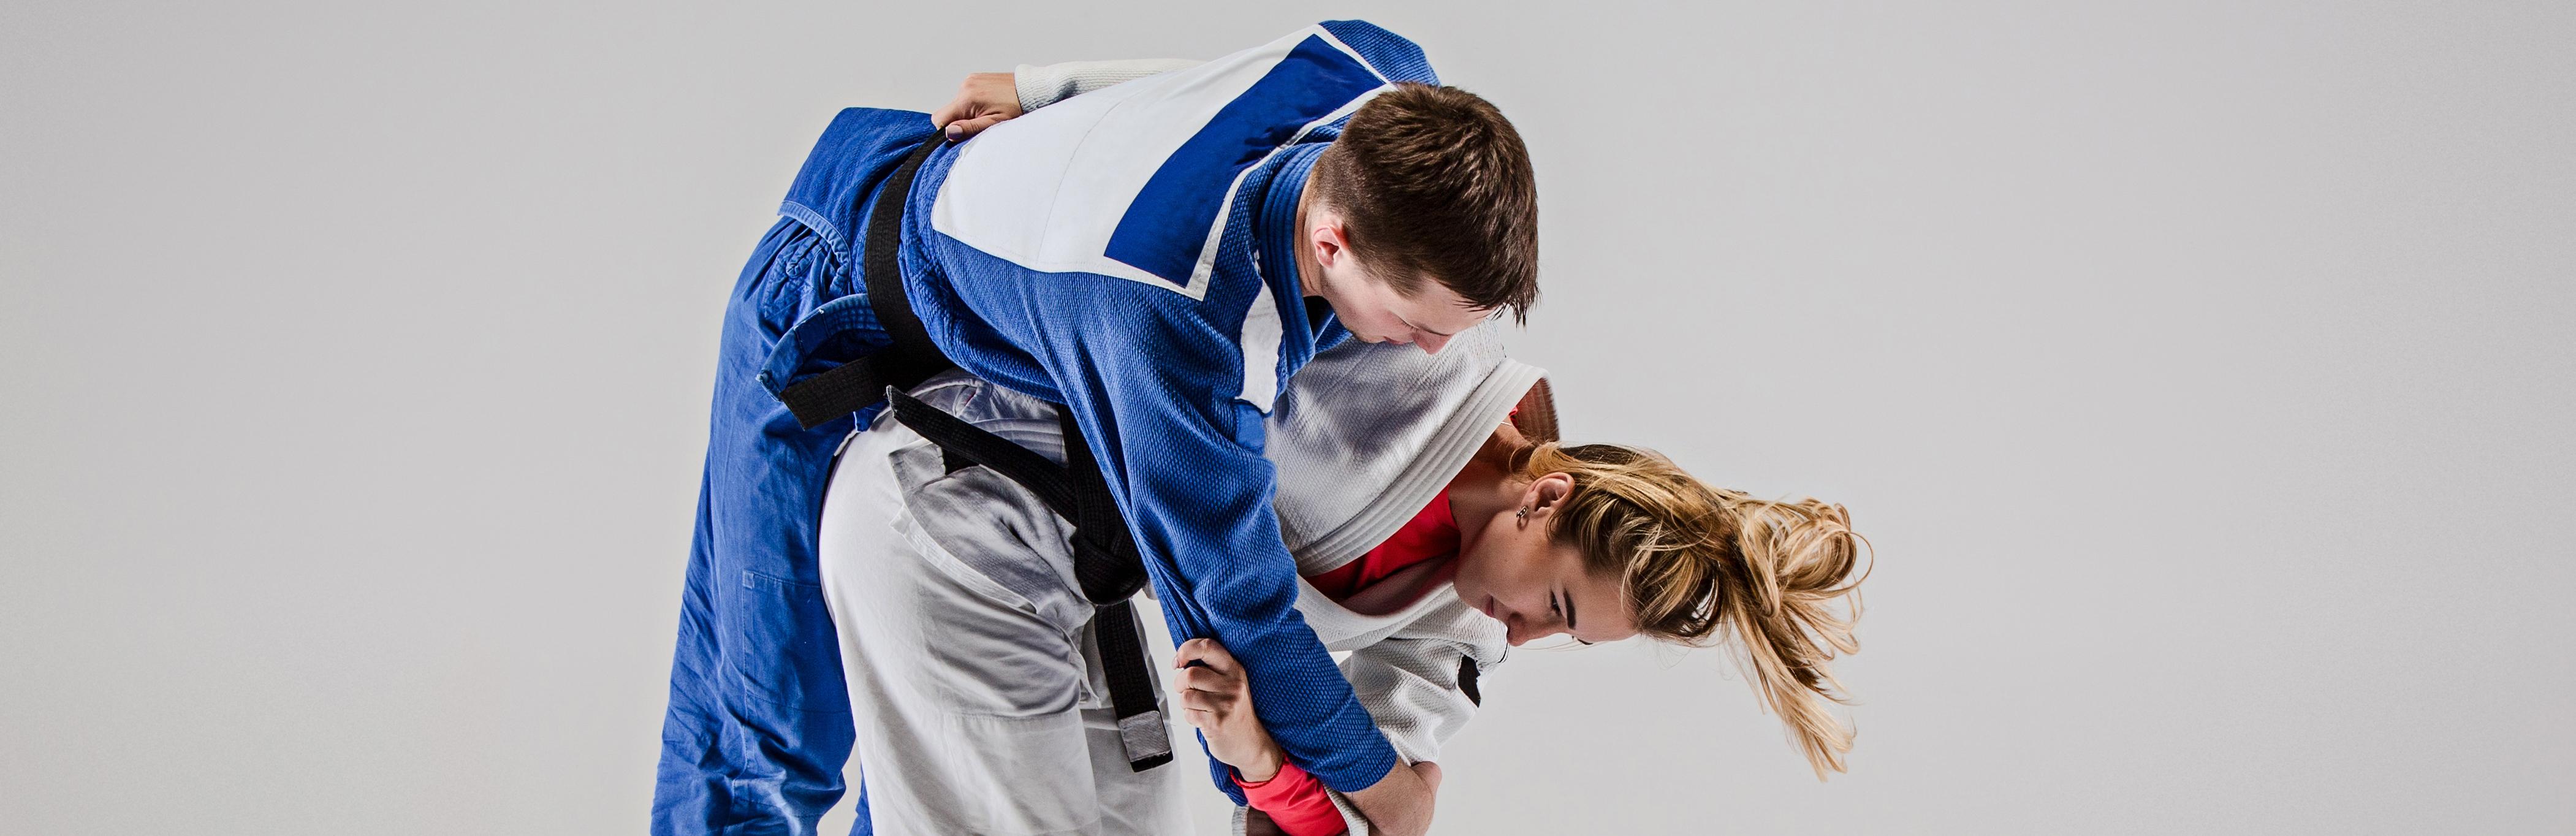 pilates-no-judo-4